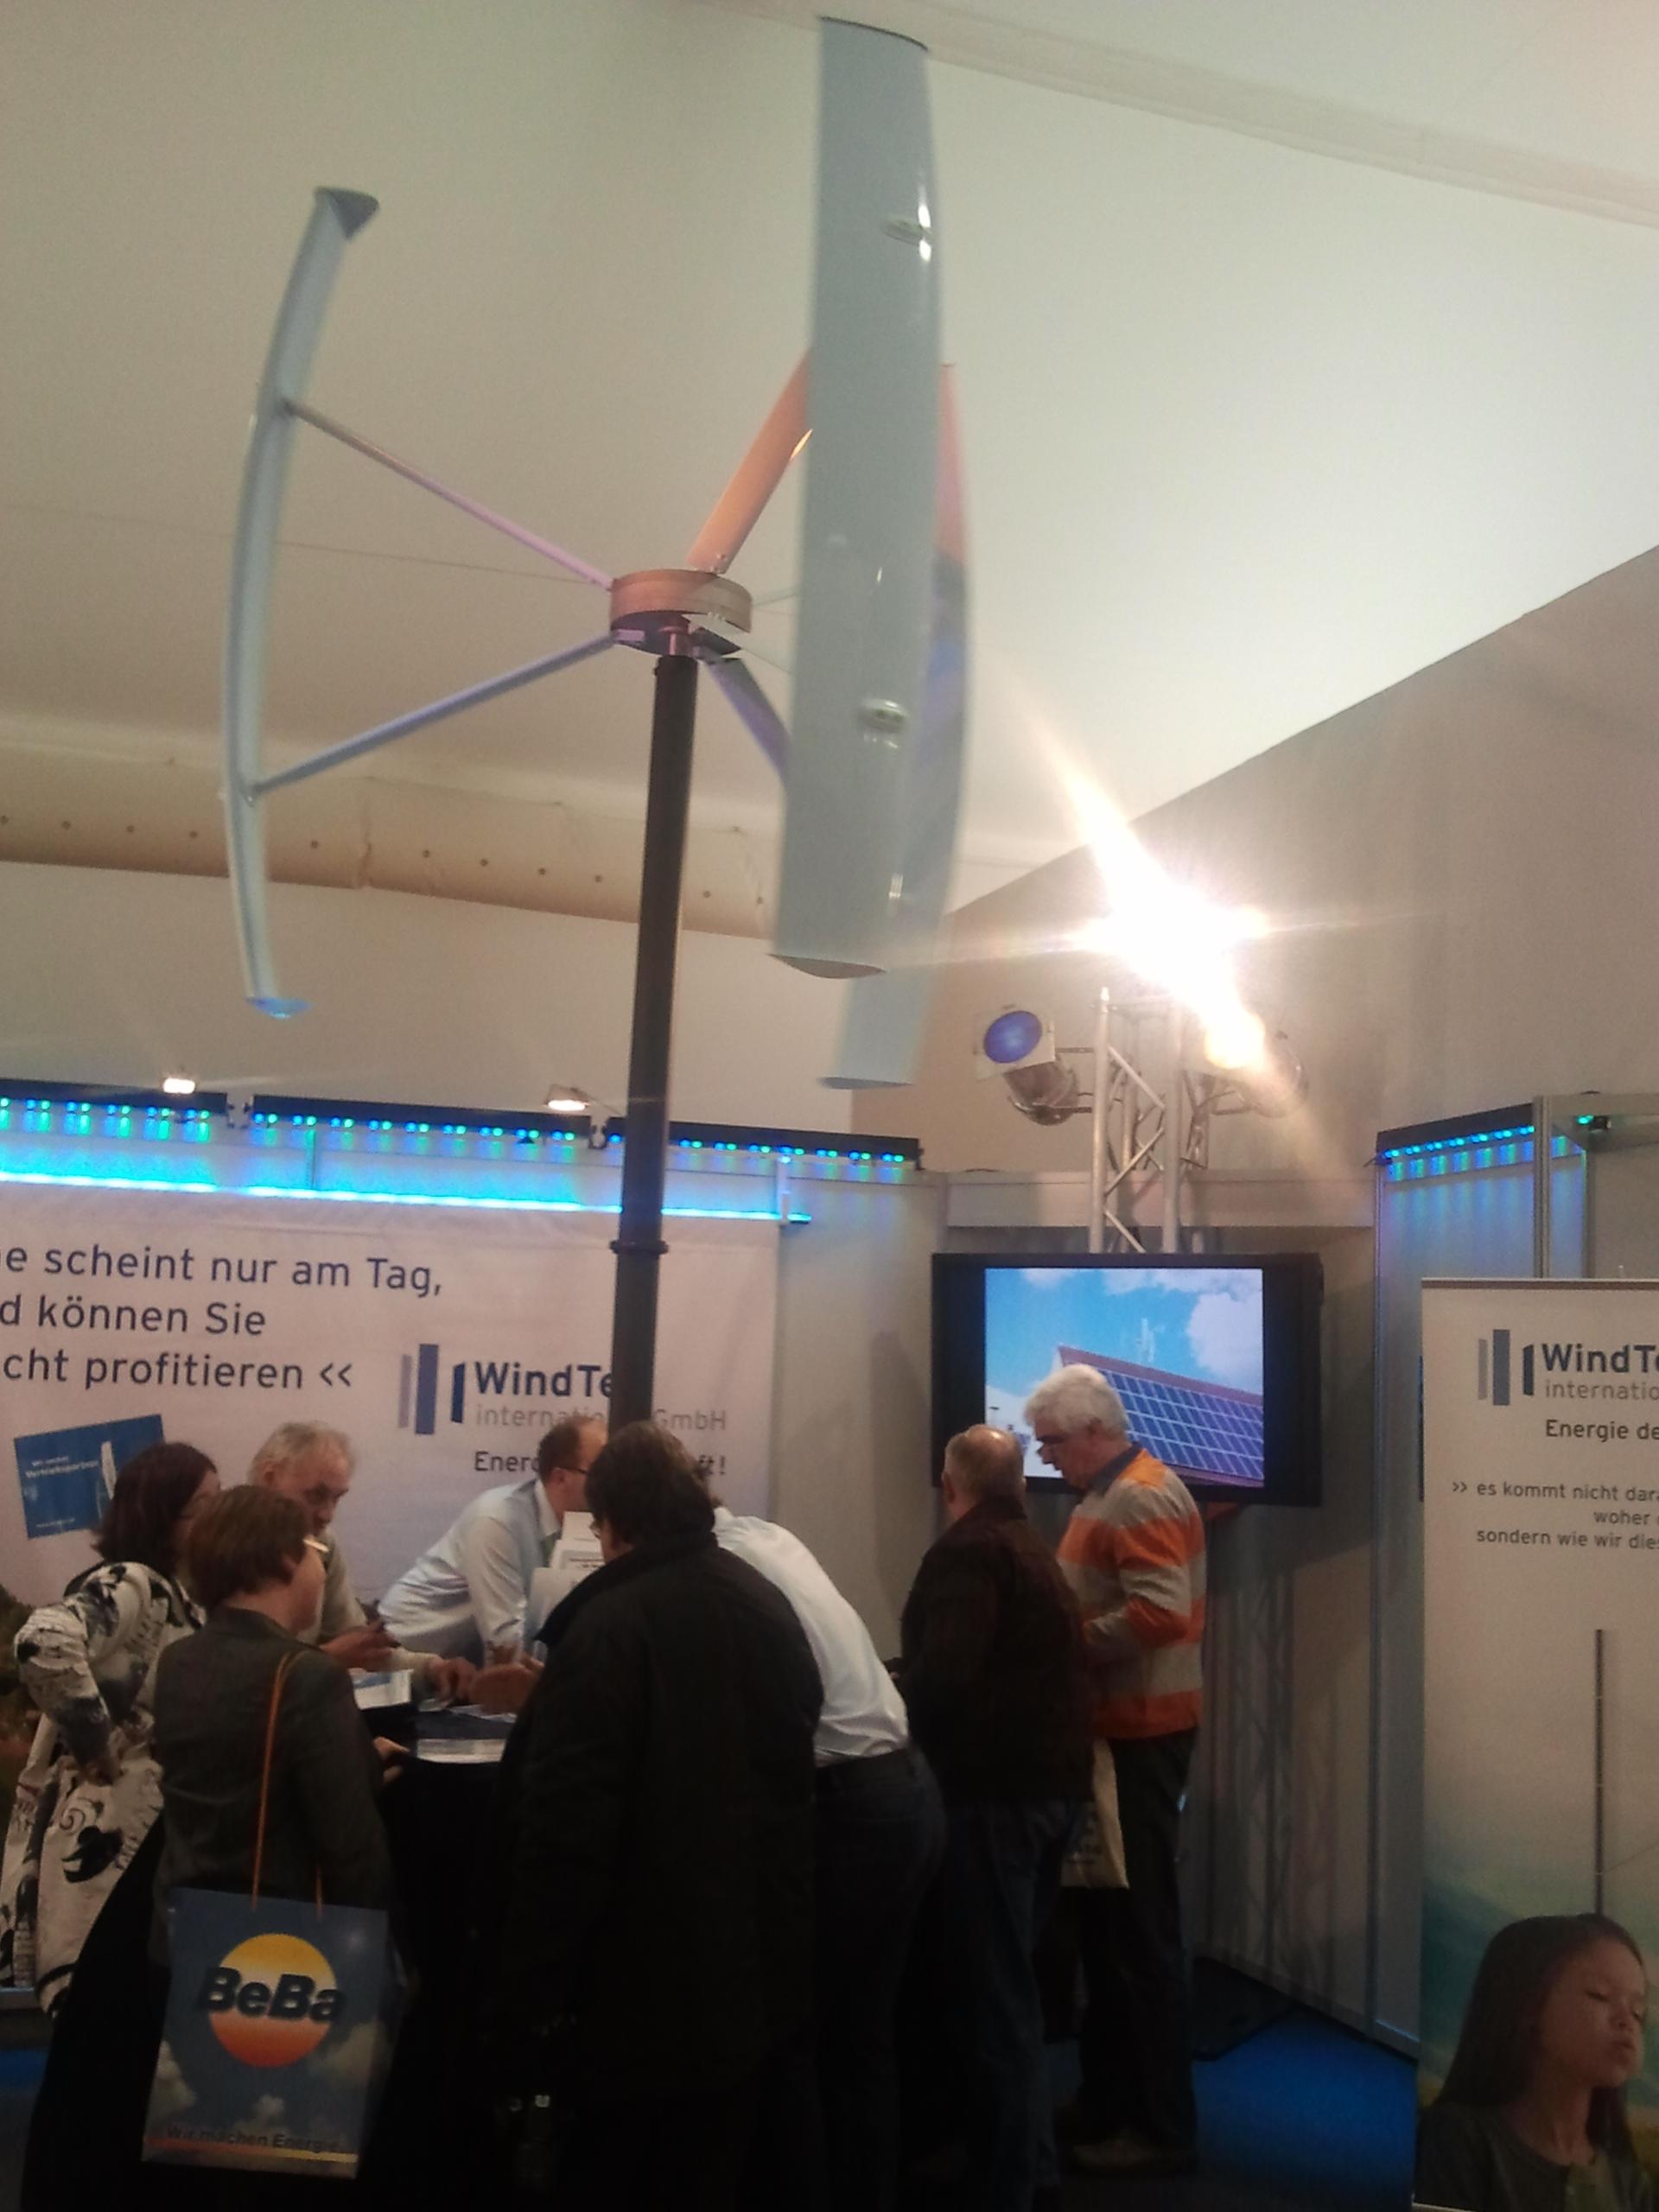 Vertikales Windrad auf der New Energy Husum, Foto: Patrick Jüttemann